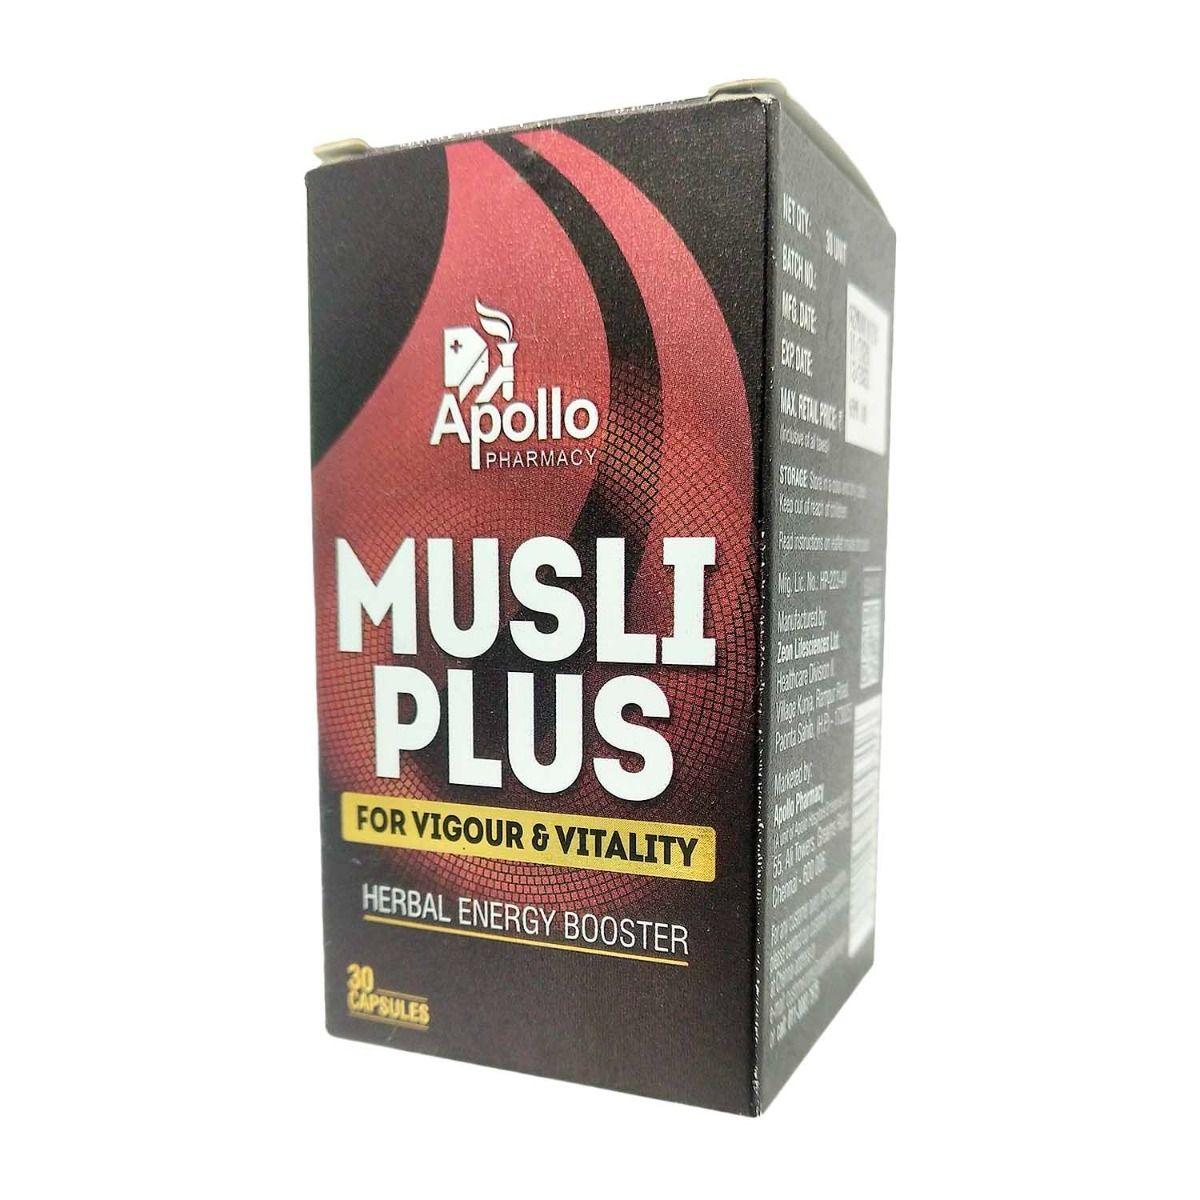 Apollo Pharmacy Musli Plus, 30 Capsules, Pack of 1